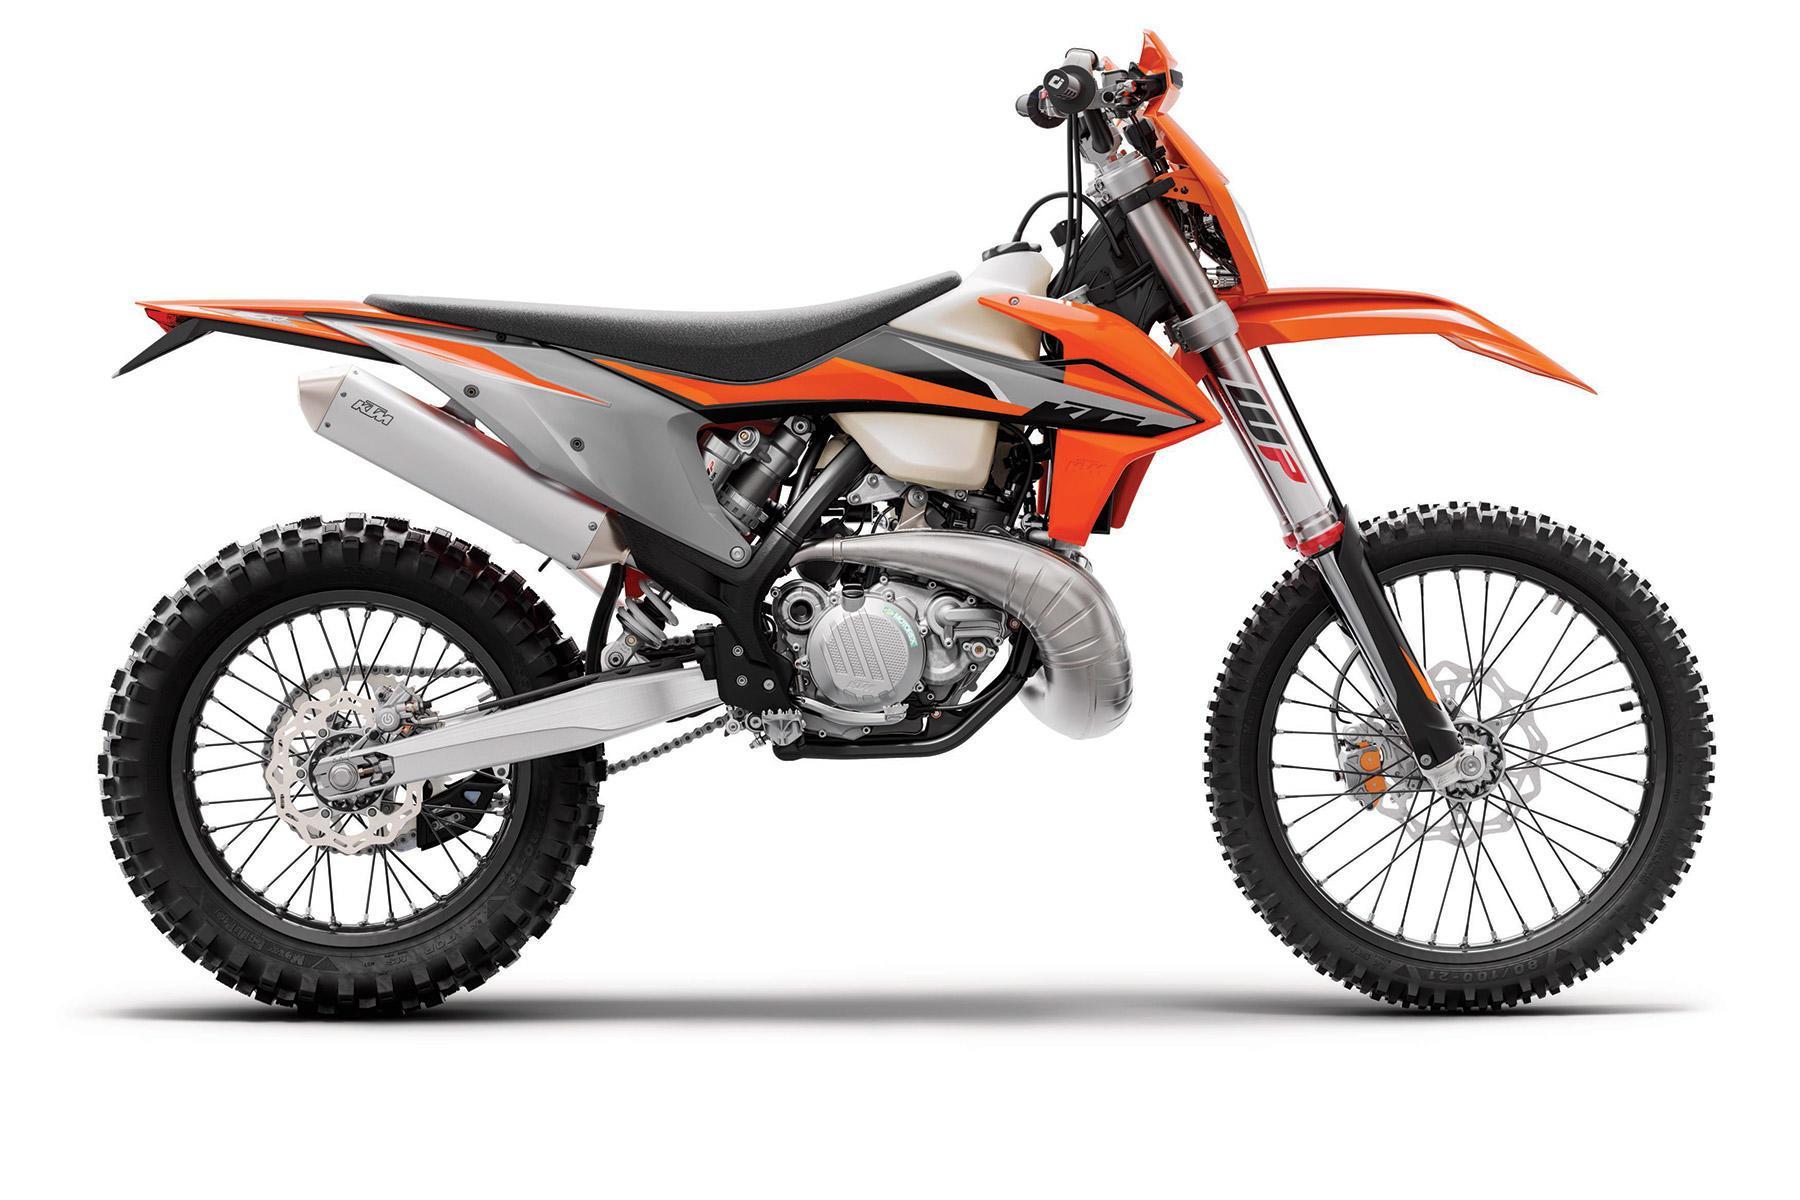 Preço da CG 160 é R$ 7.990 - confira!   Financiar Moto Honda